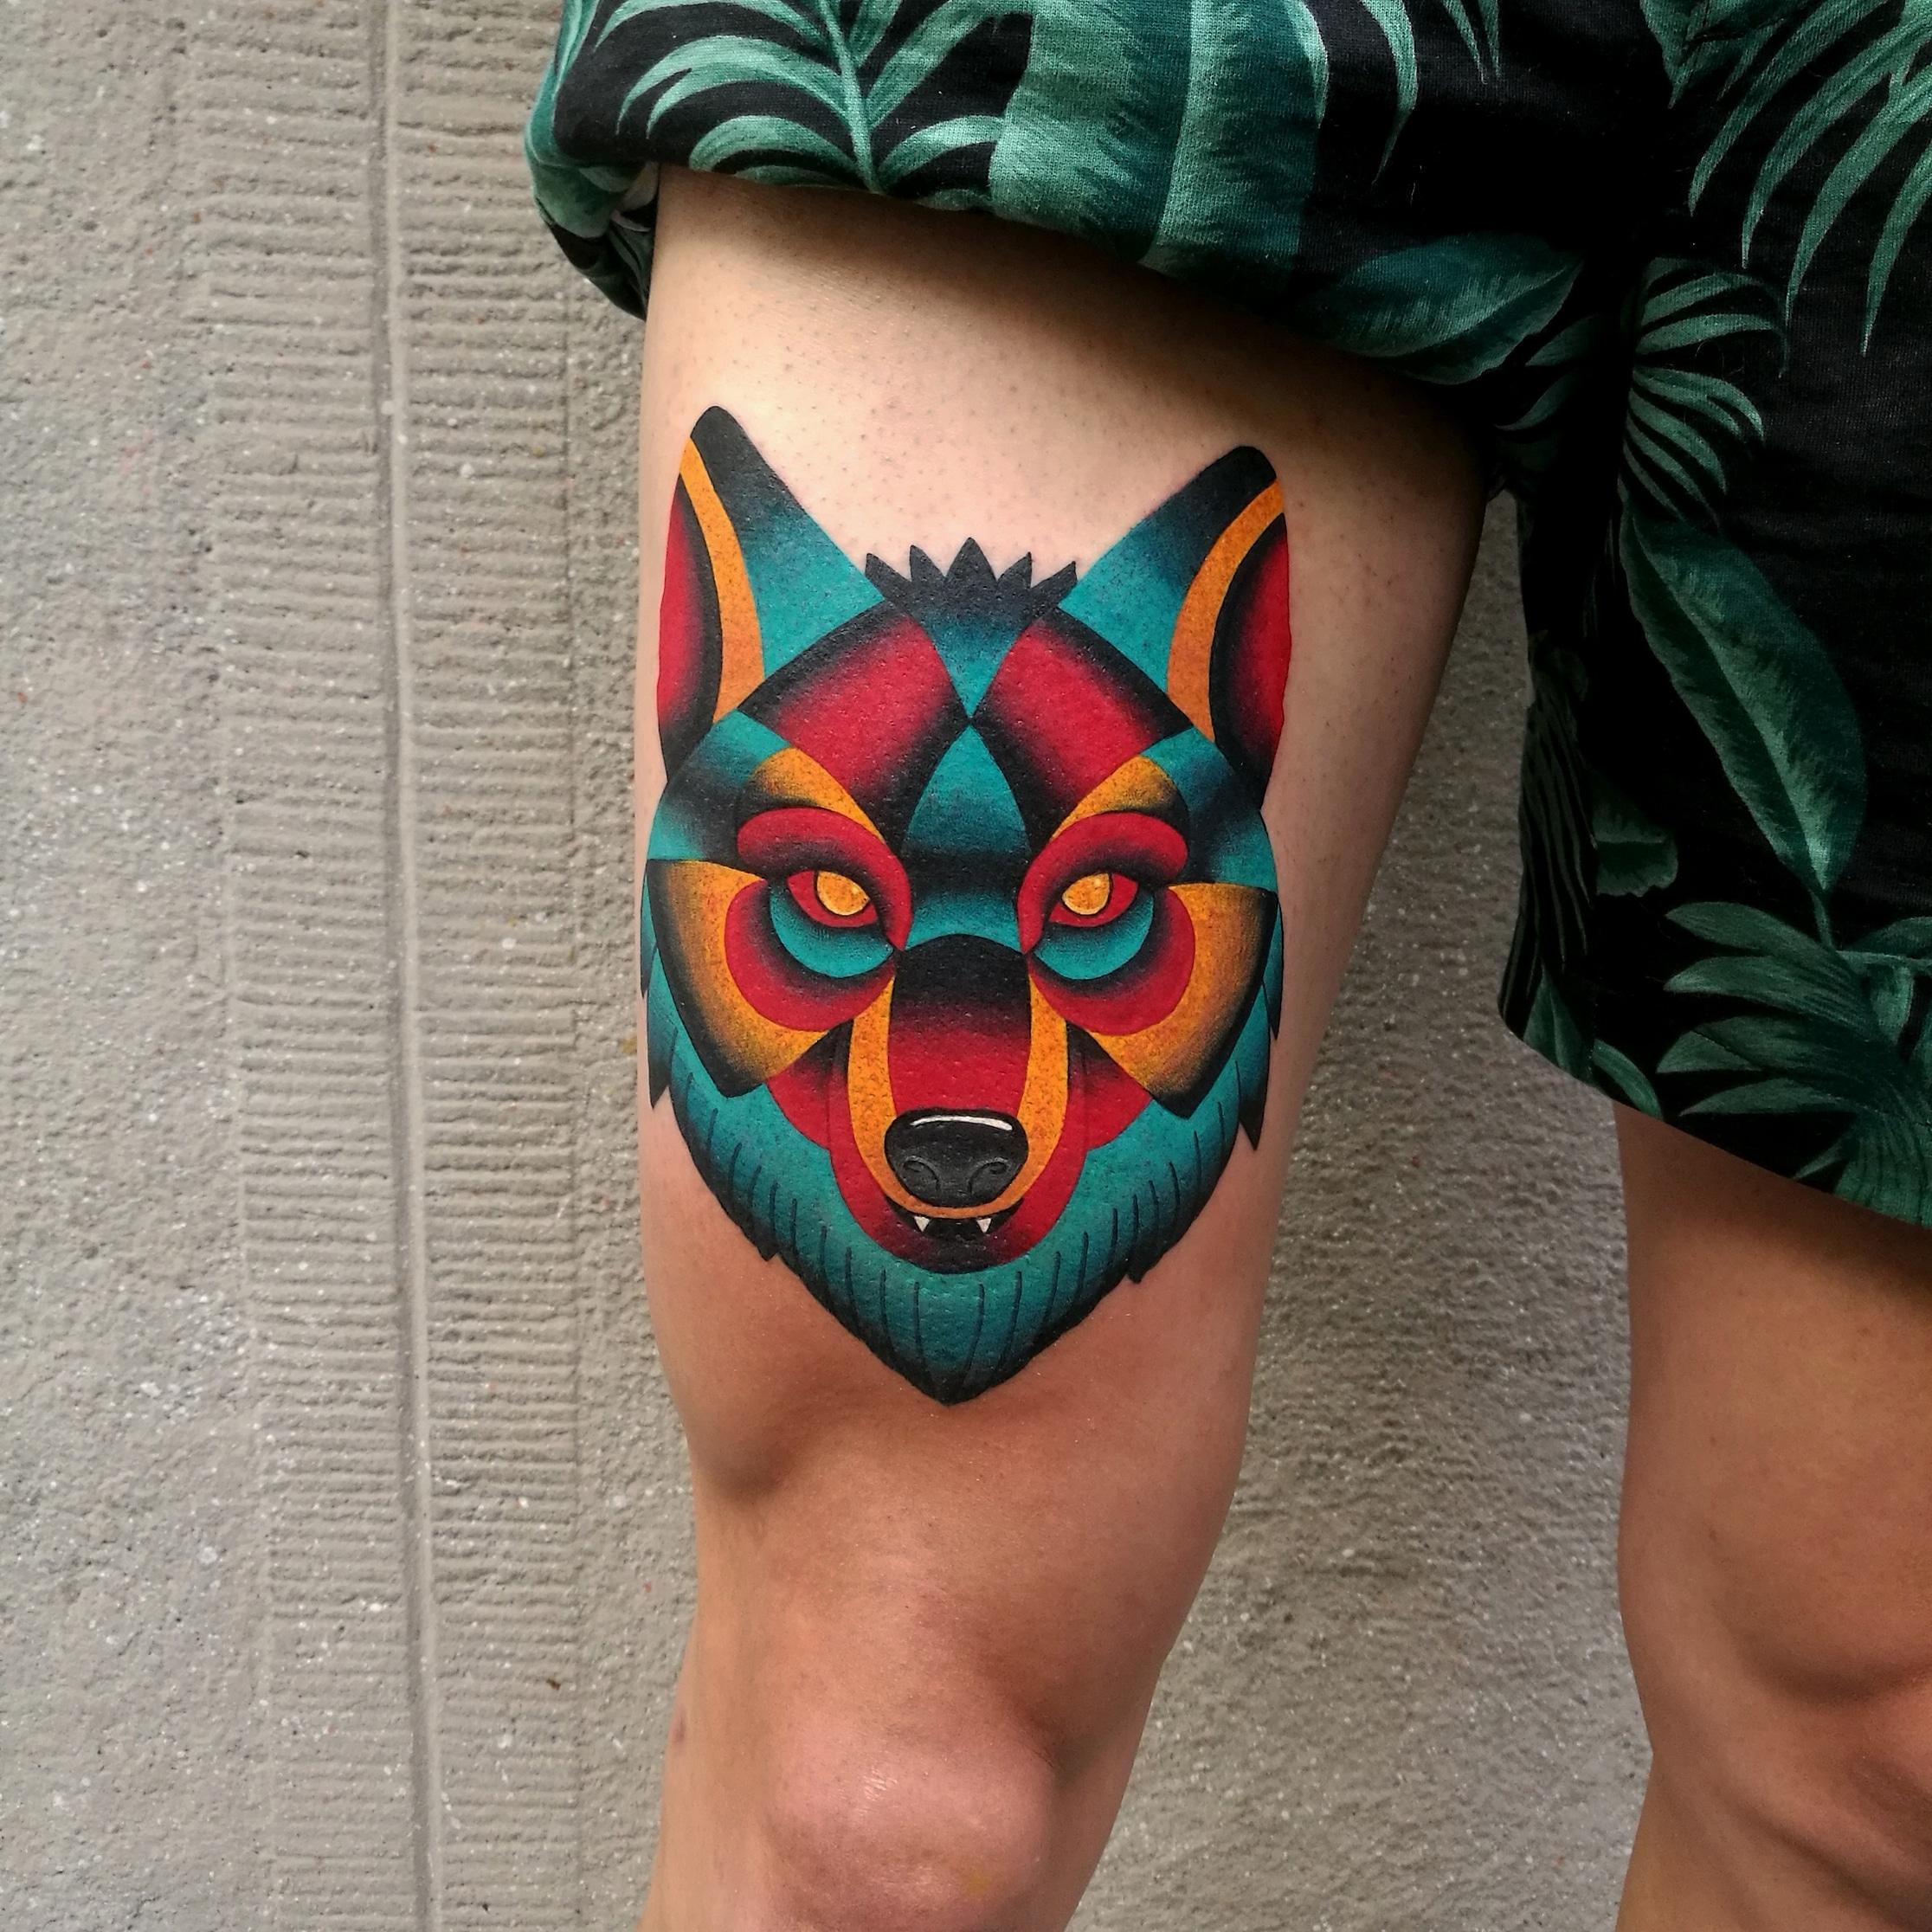 Inksearch tattoo Robert Heliobiont TATTOO